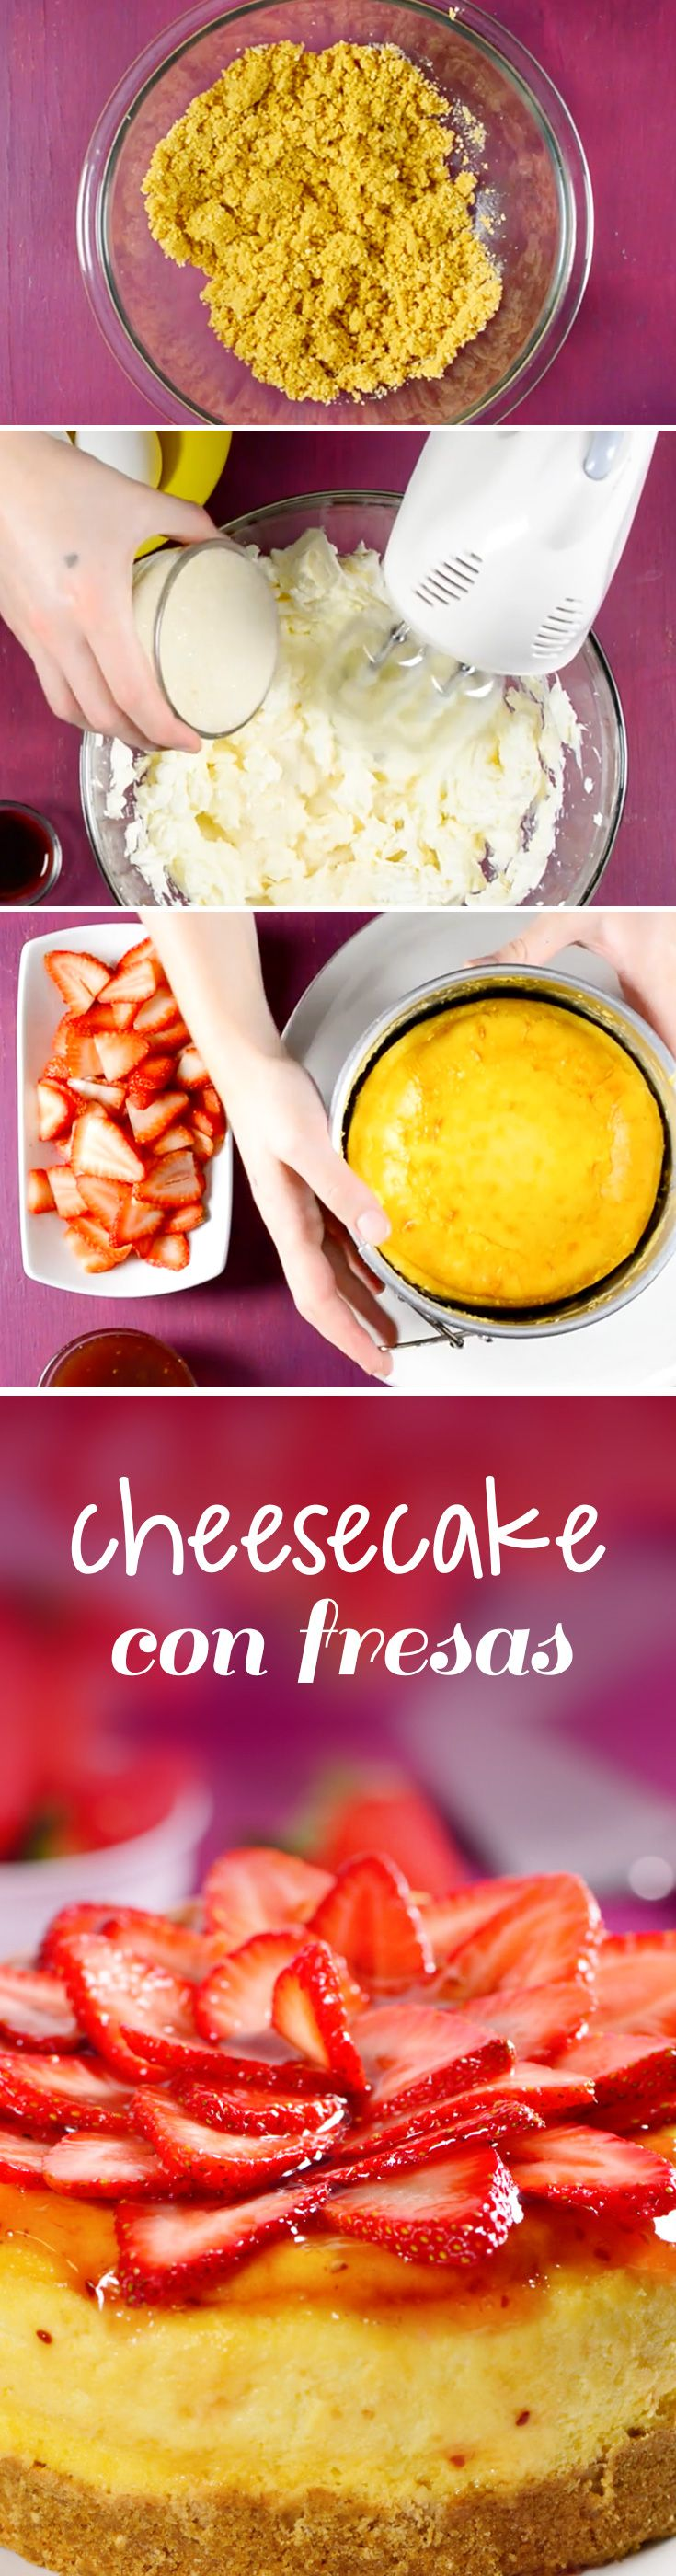 Pay de queso horneado con galletas y decorado con fresas. Ese cheesecake al horno es un pastel fácil de hacer y regalar a quien más quieras en #sanvalentin